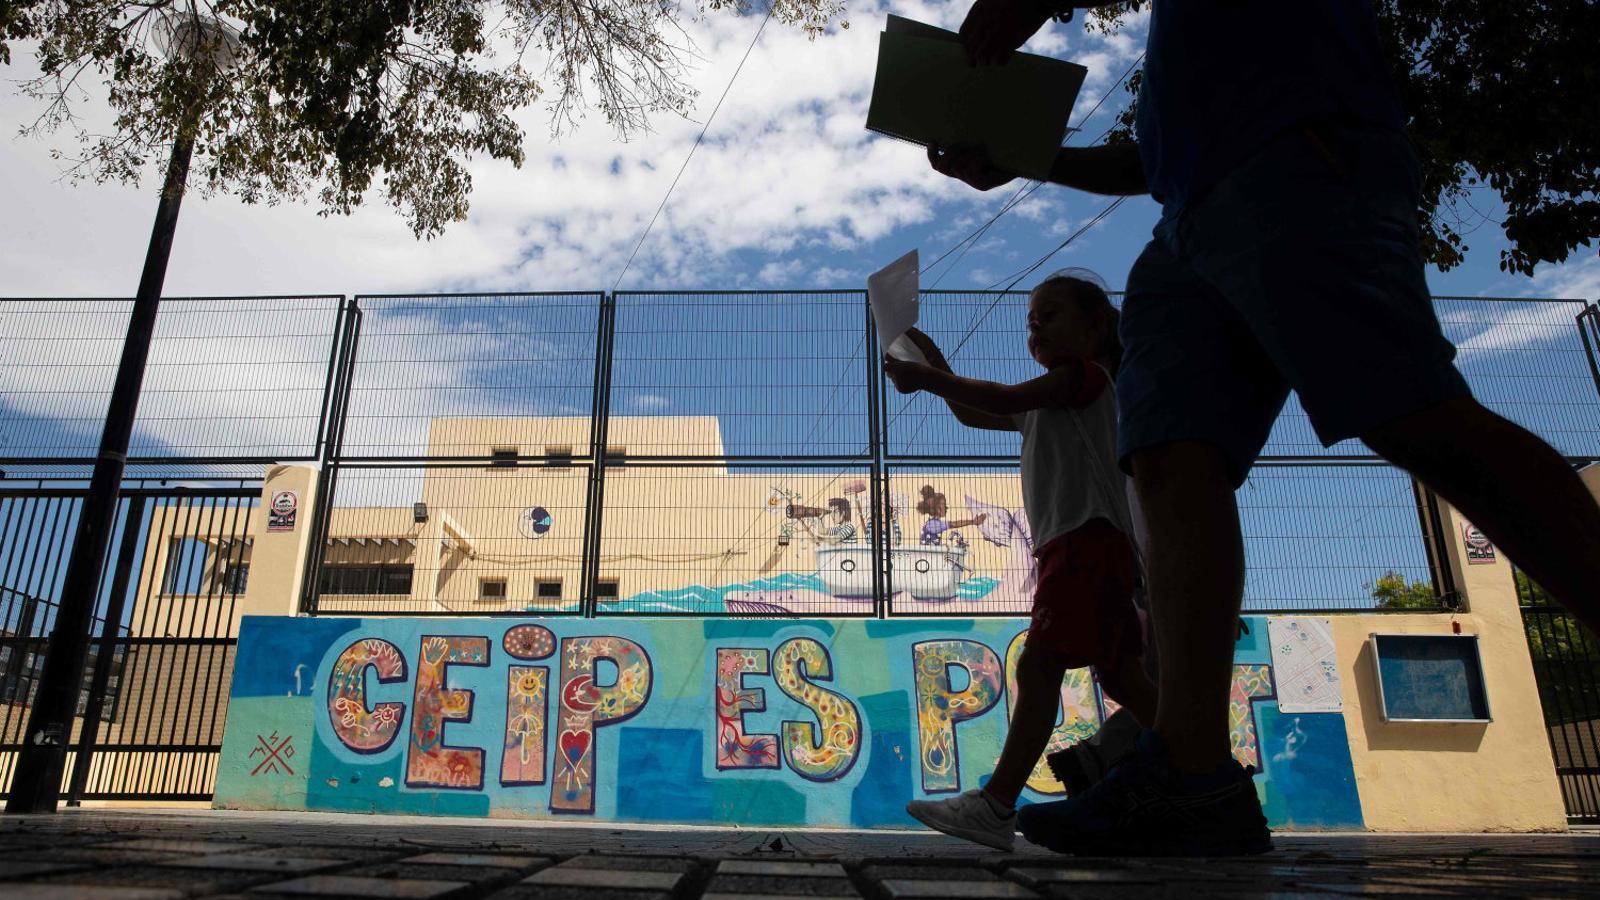 Un home i una nena caminant davant una escola del barri de Son Gotleu, ara confinat.